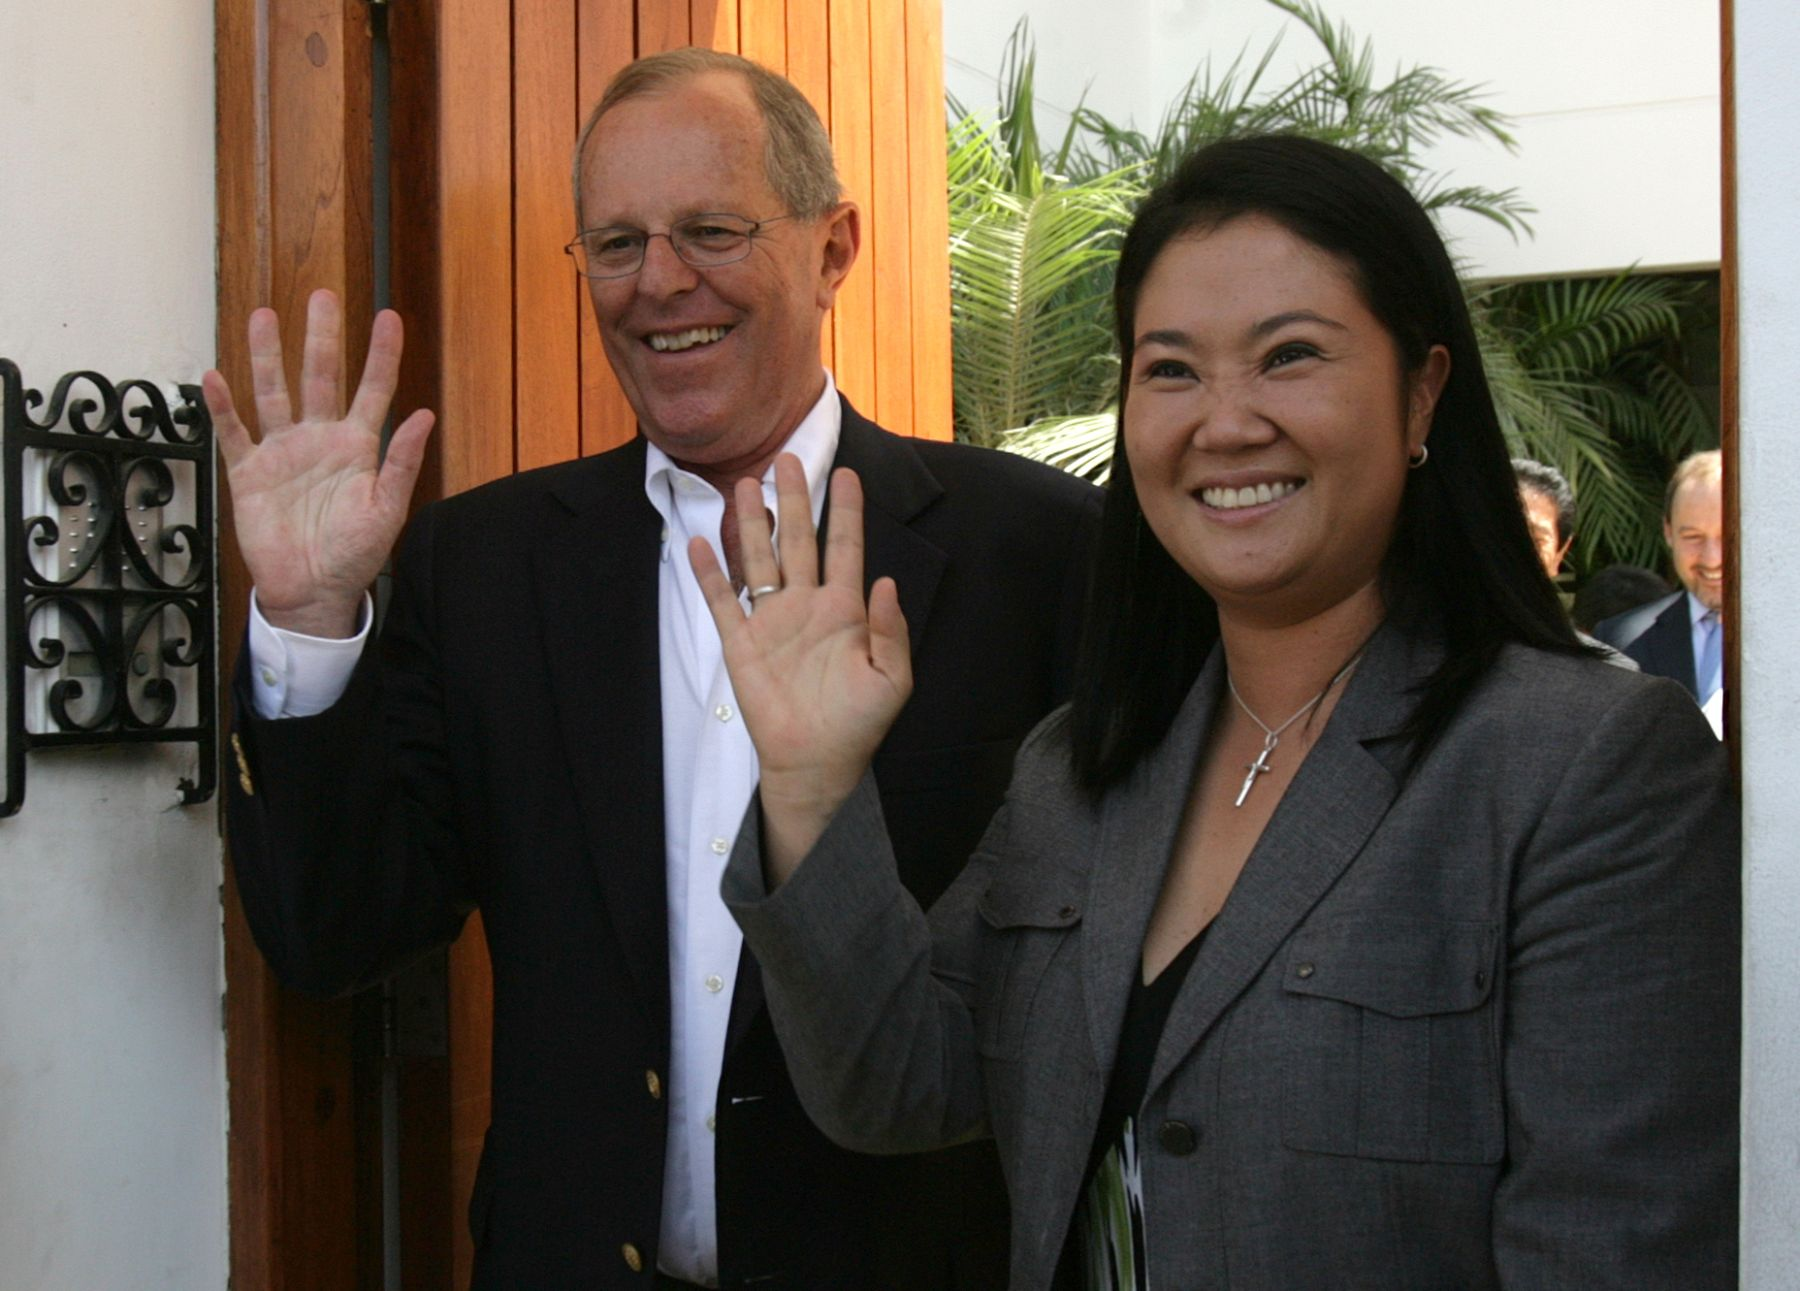 Pedro Pablo Kuczynski y Keiko Fujimori saludan juntos para una fotografía. Vía La Primera.